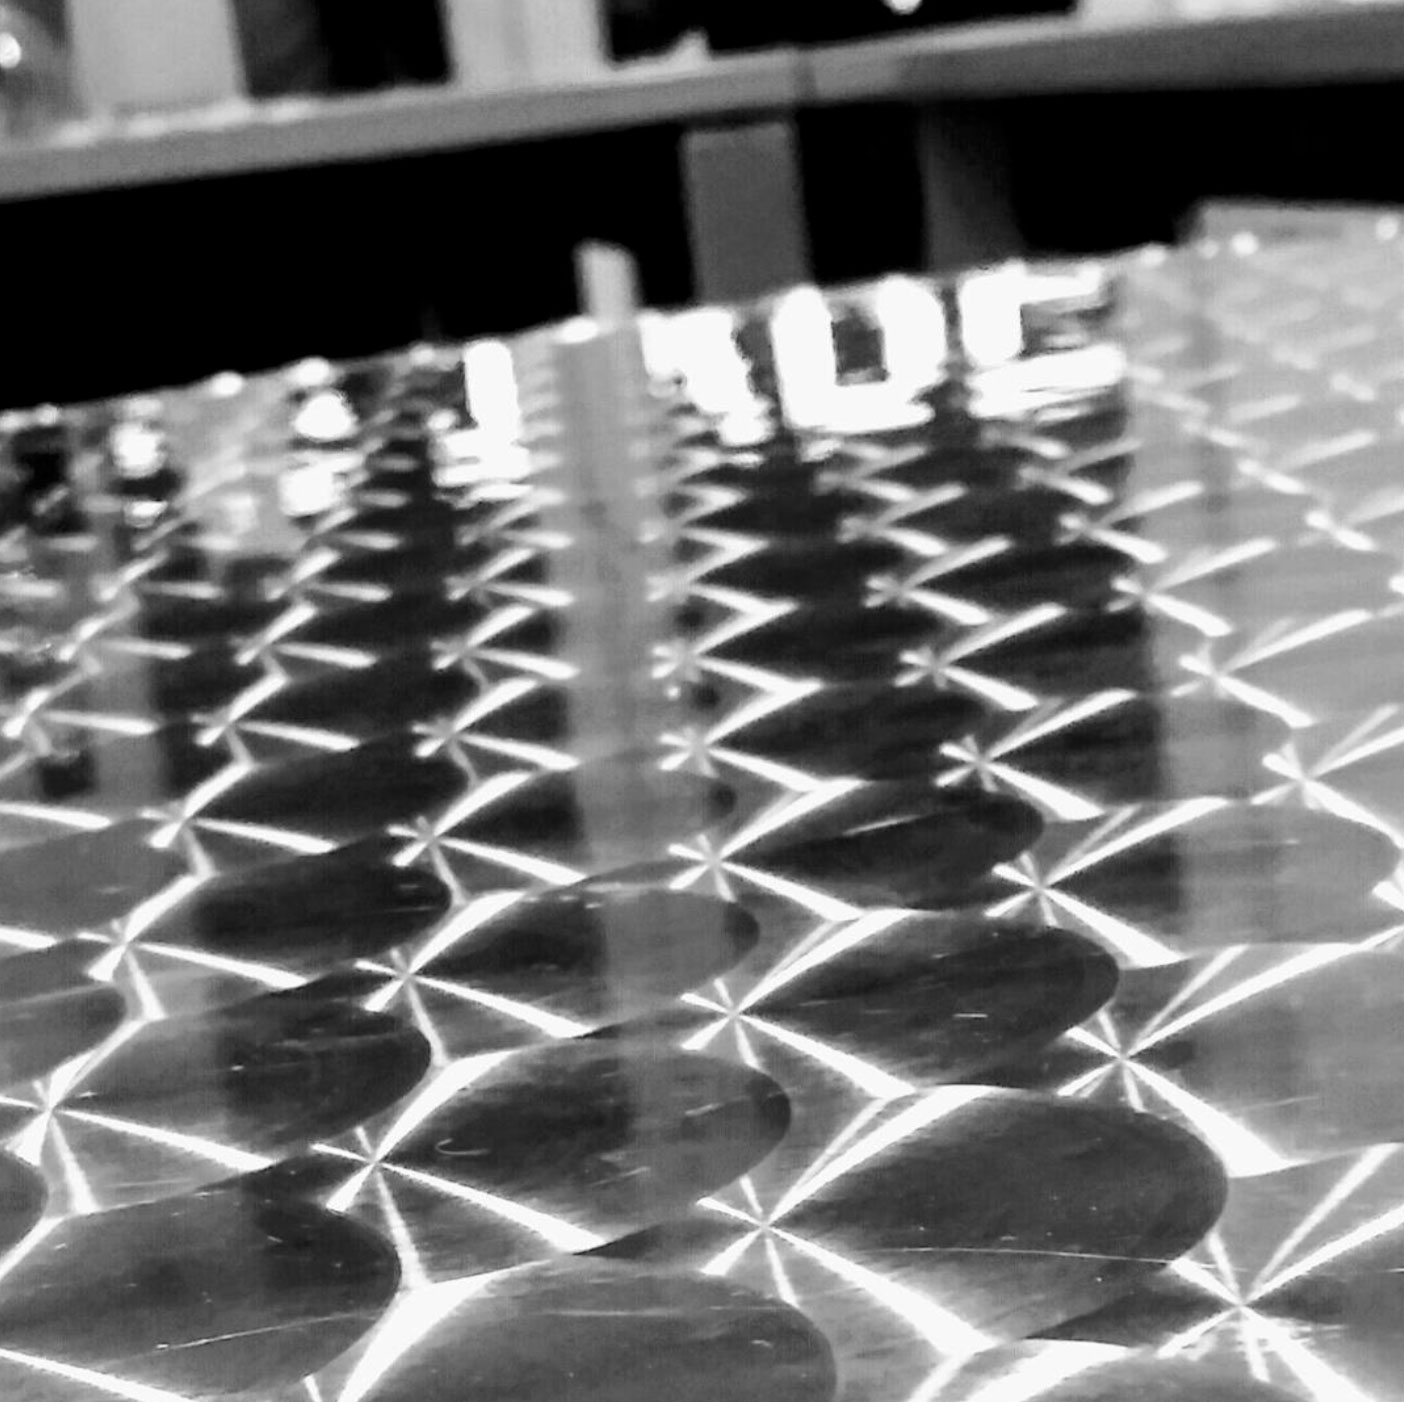 Zirkus011: Tisch in der Mitte